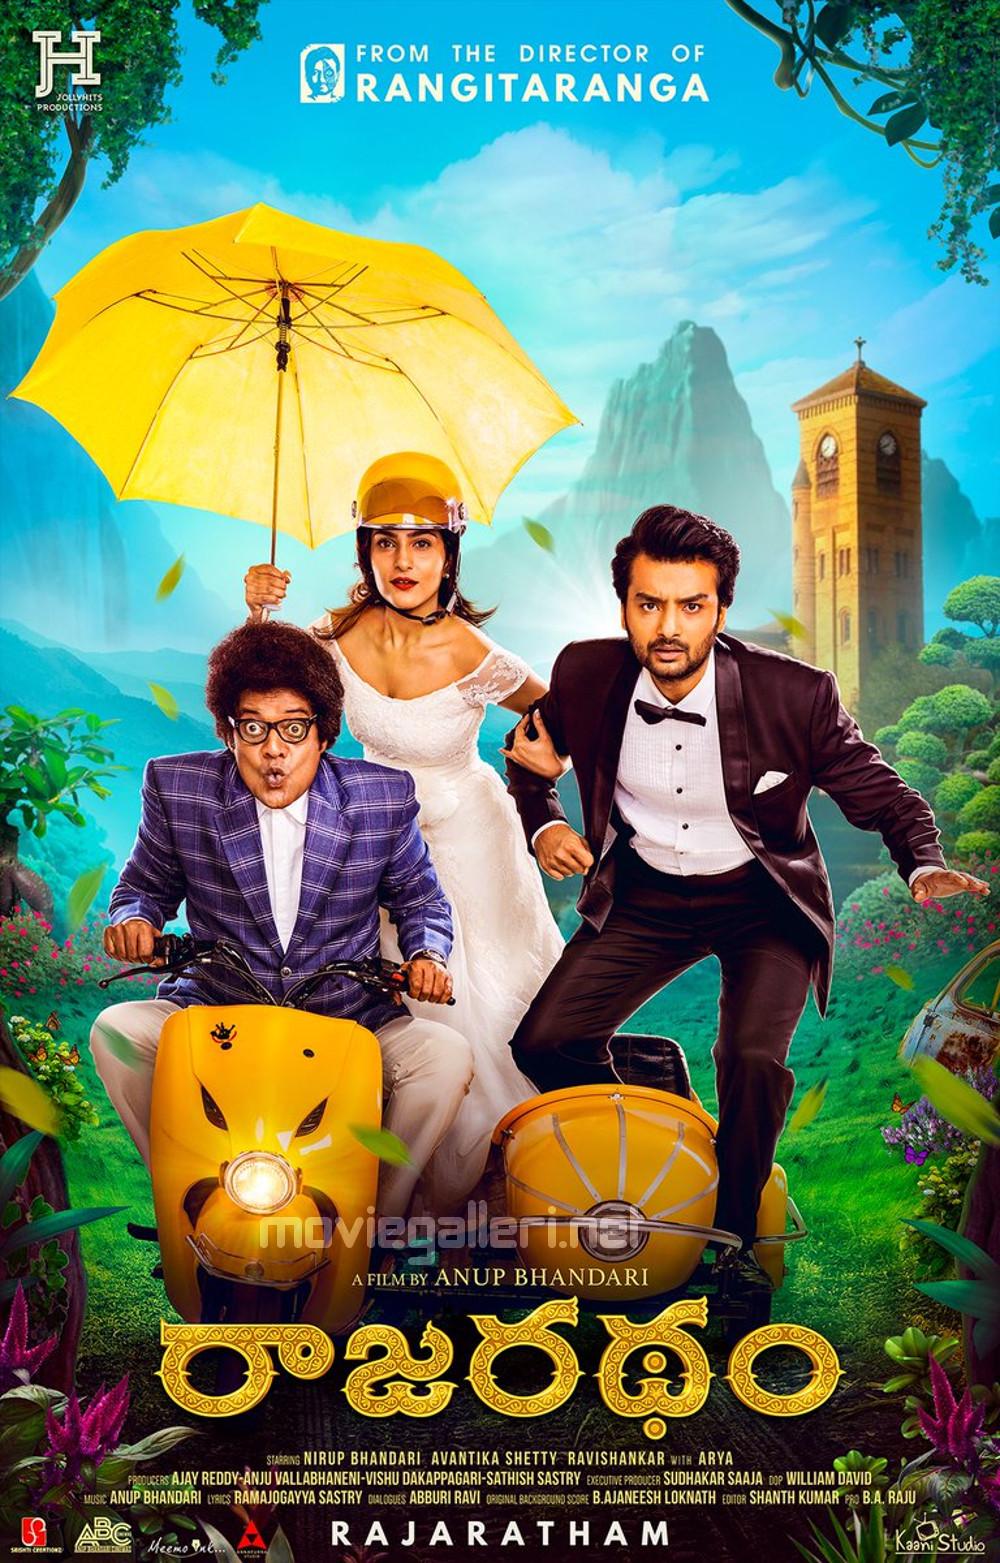 P. Ravishankar, Avanthika Shetty, Nirup Bhandari in Rajaratham Movie First Look Poster